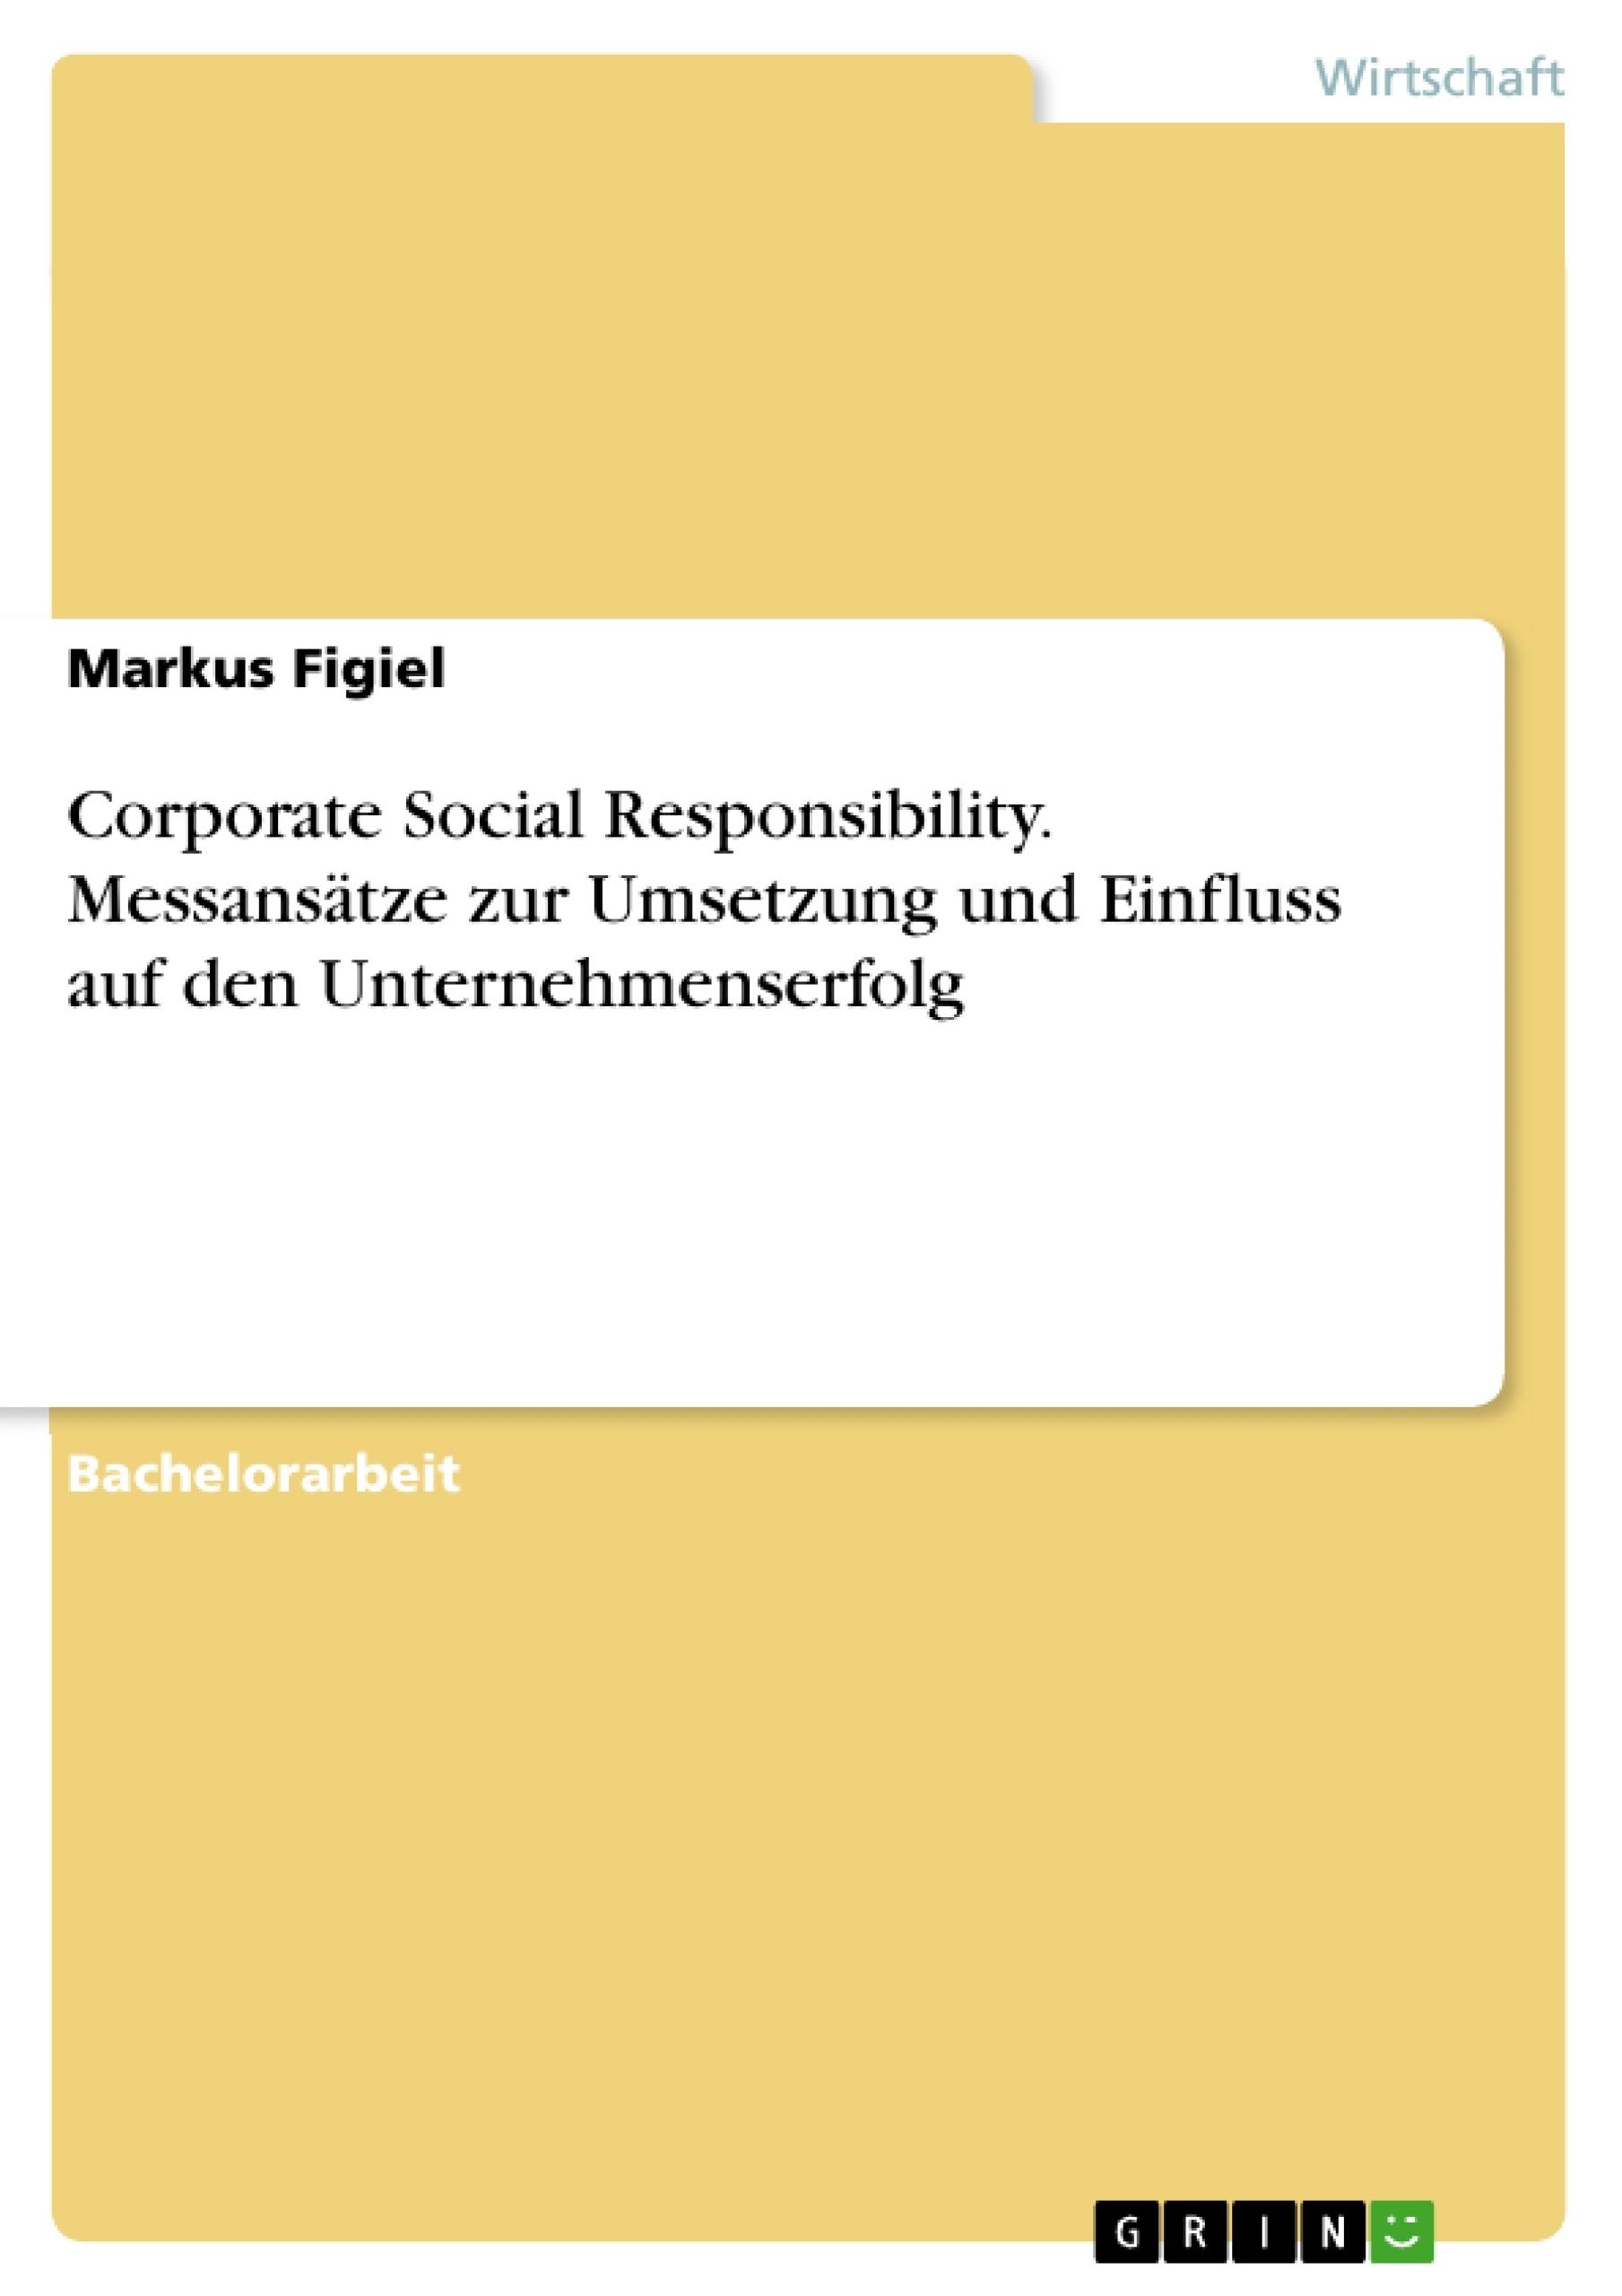 Titel: Corporate Social Responsibility. Messansätze zur Umsetzung und Einfluss auf den Unternehmenserfolg